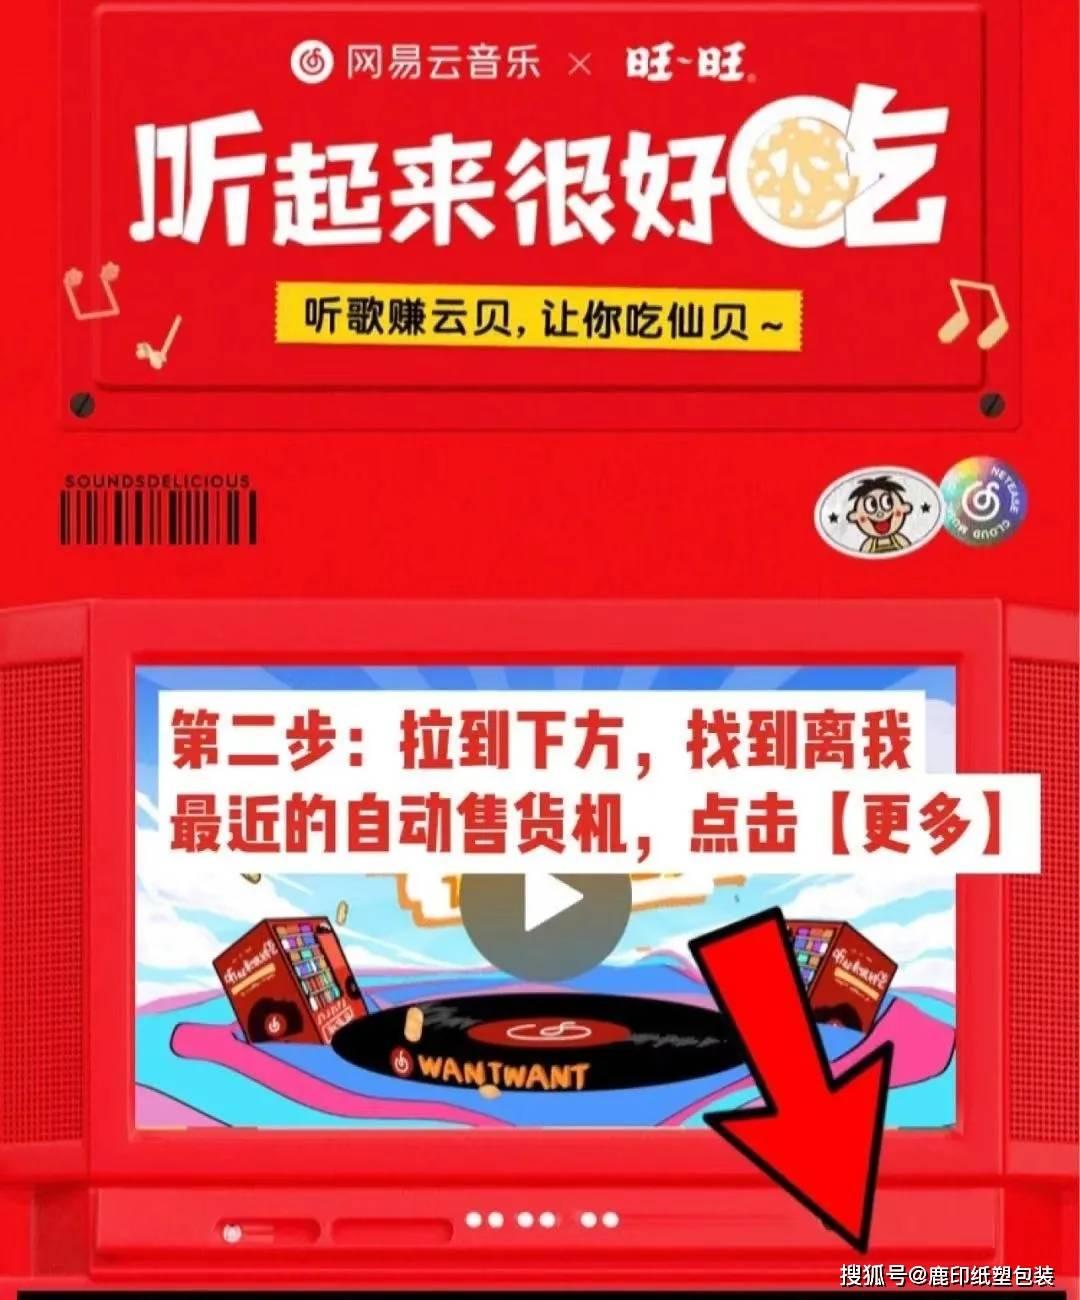 【鹿印网】餐饮大牌都在用的营销方式,门店传统营销已成过去式(图15)